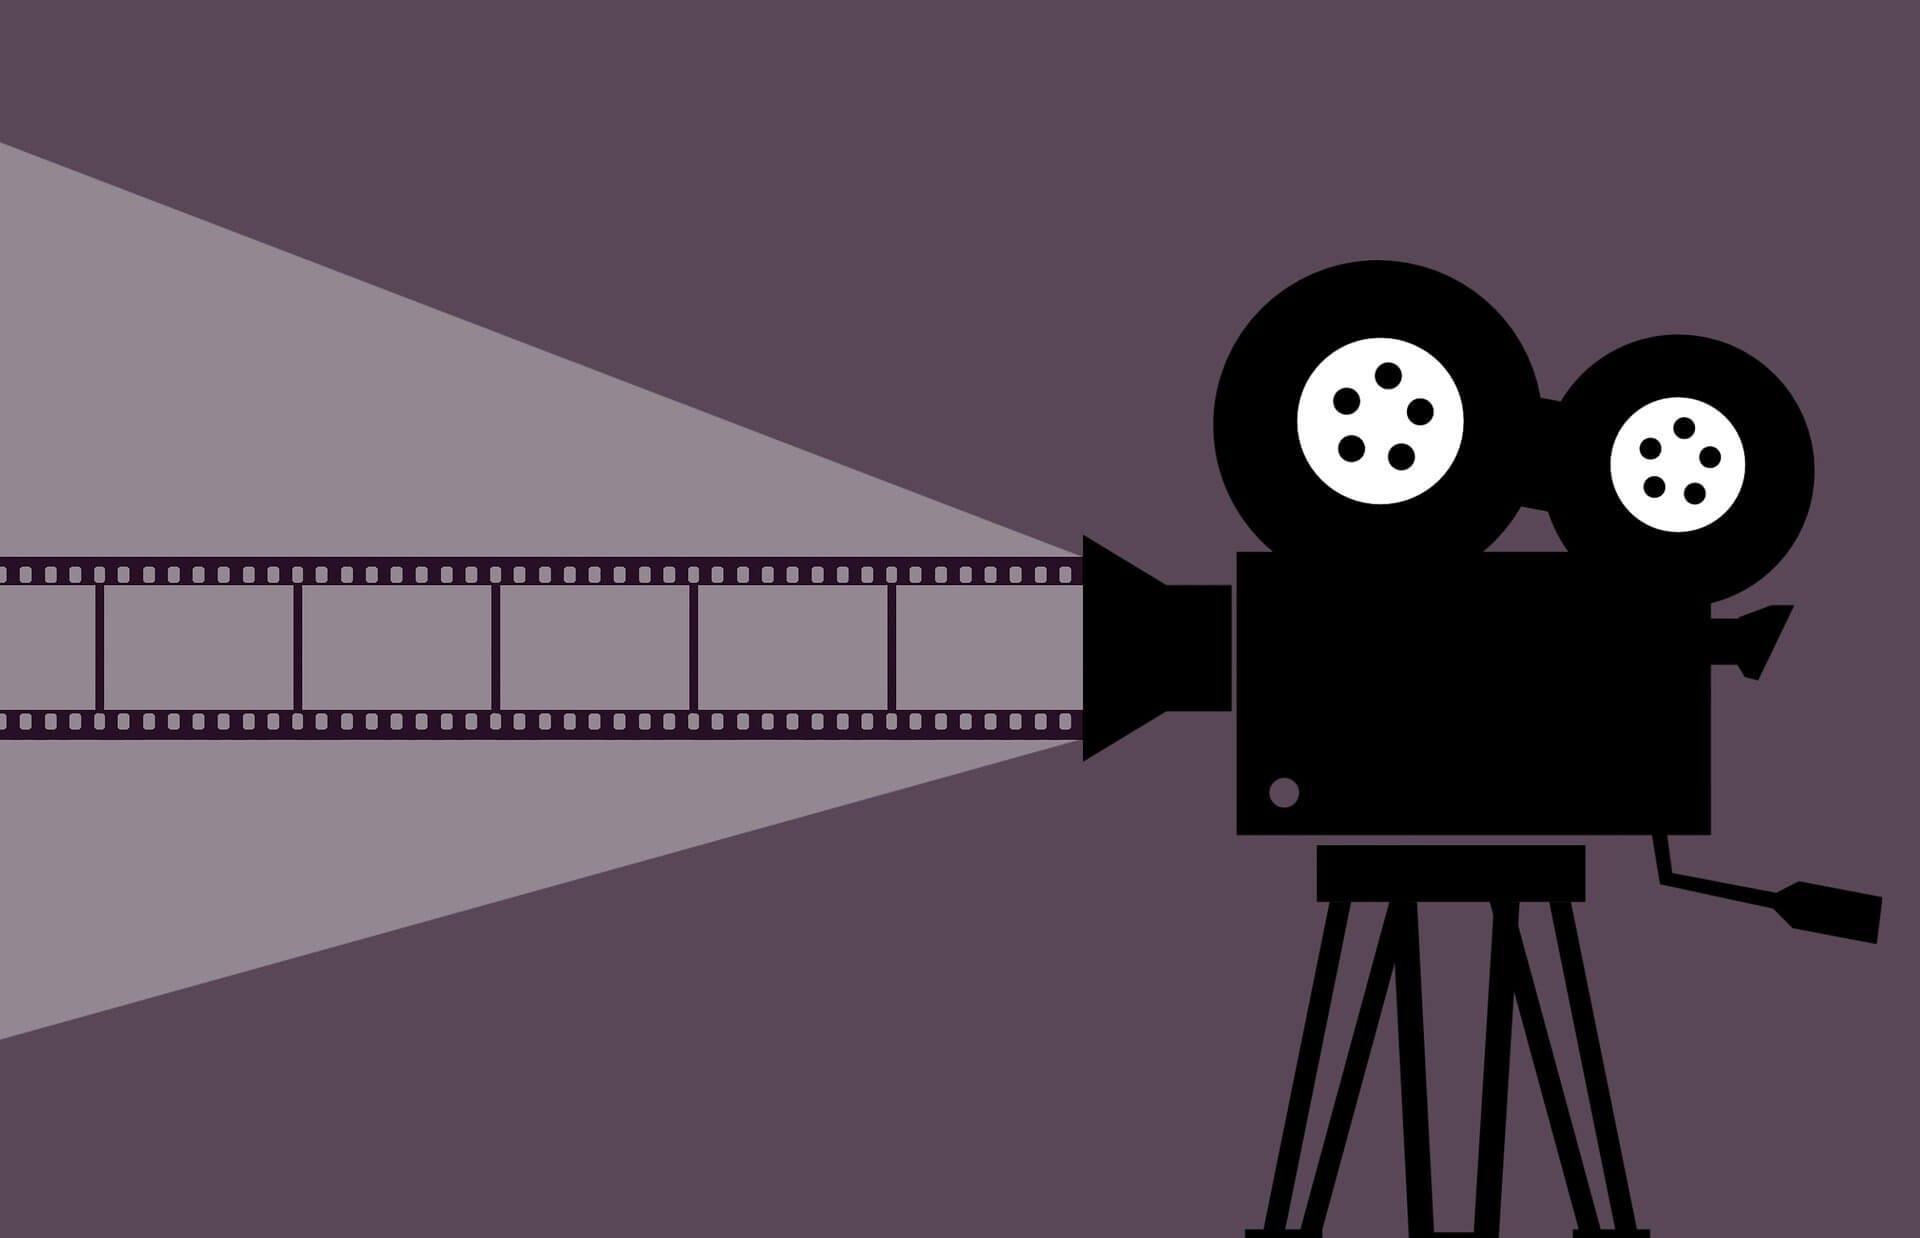 君の膵臓をたべたい(キミスイ)実写映画のロケ地はどこ?京都の橋や福岡もご紹介!